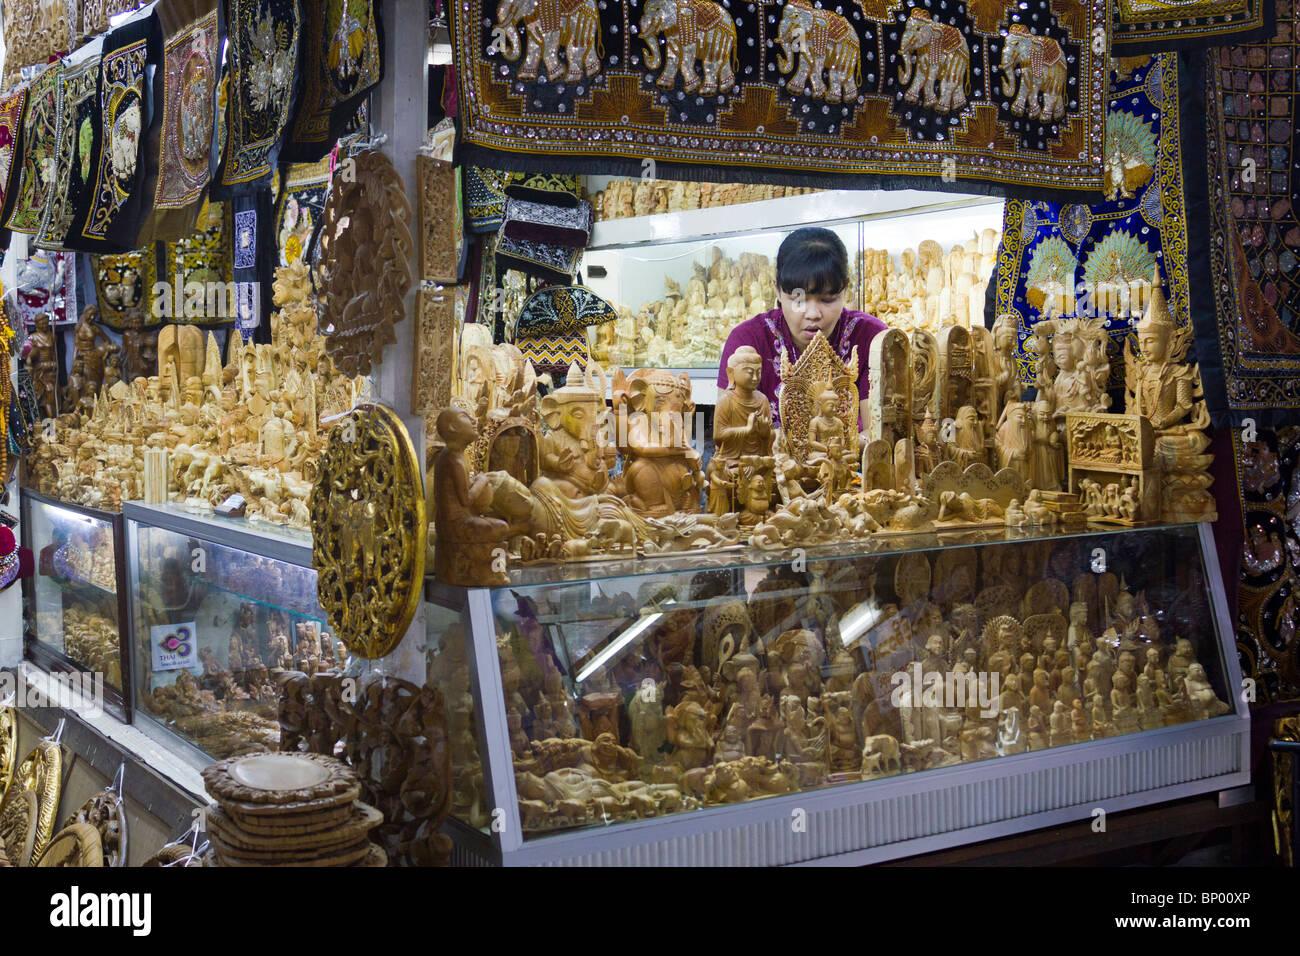 woodwork store in Bogyoke Aung San Market, formerly Scott's Market, Yangon, Mmanmar - Stock Image